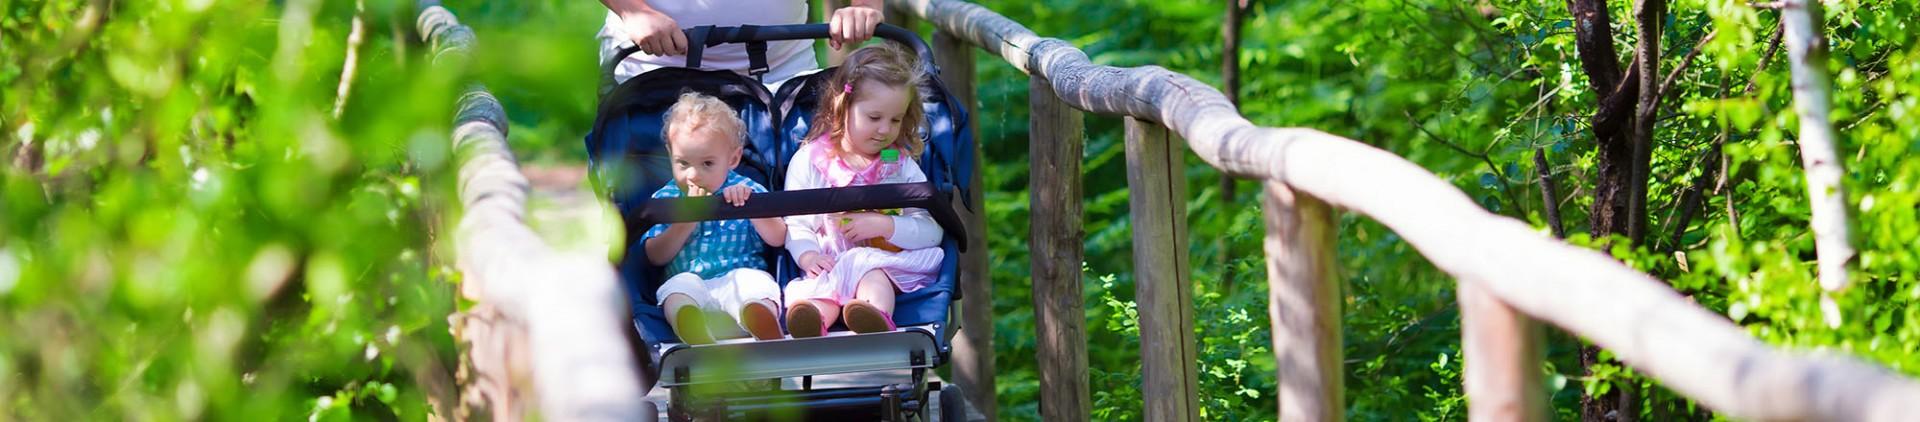 Ideeën voor wandelingen met kinderwagen - Provincie Luik